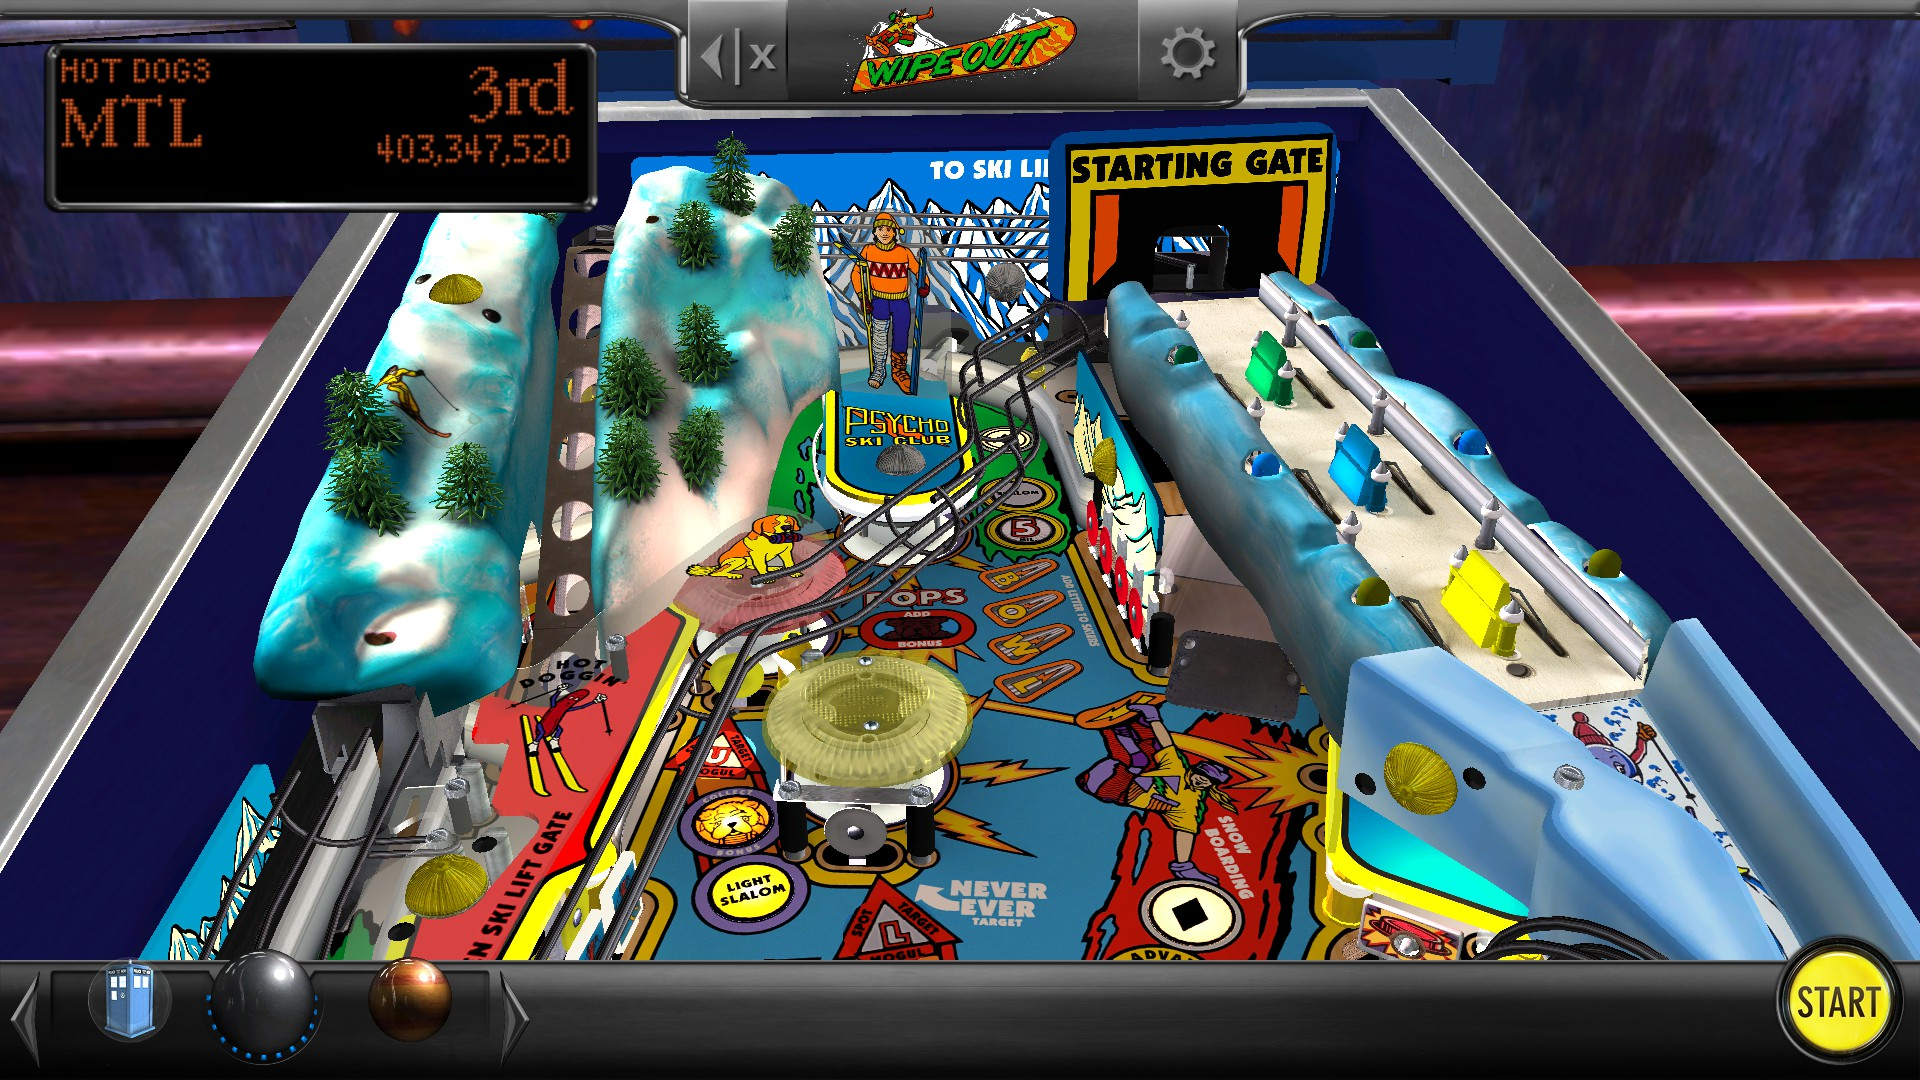 Mantalow: Pinball Arcade: Wipeout (PC) 403,347,520 points on 2017-07-03 01:35:23